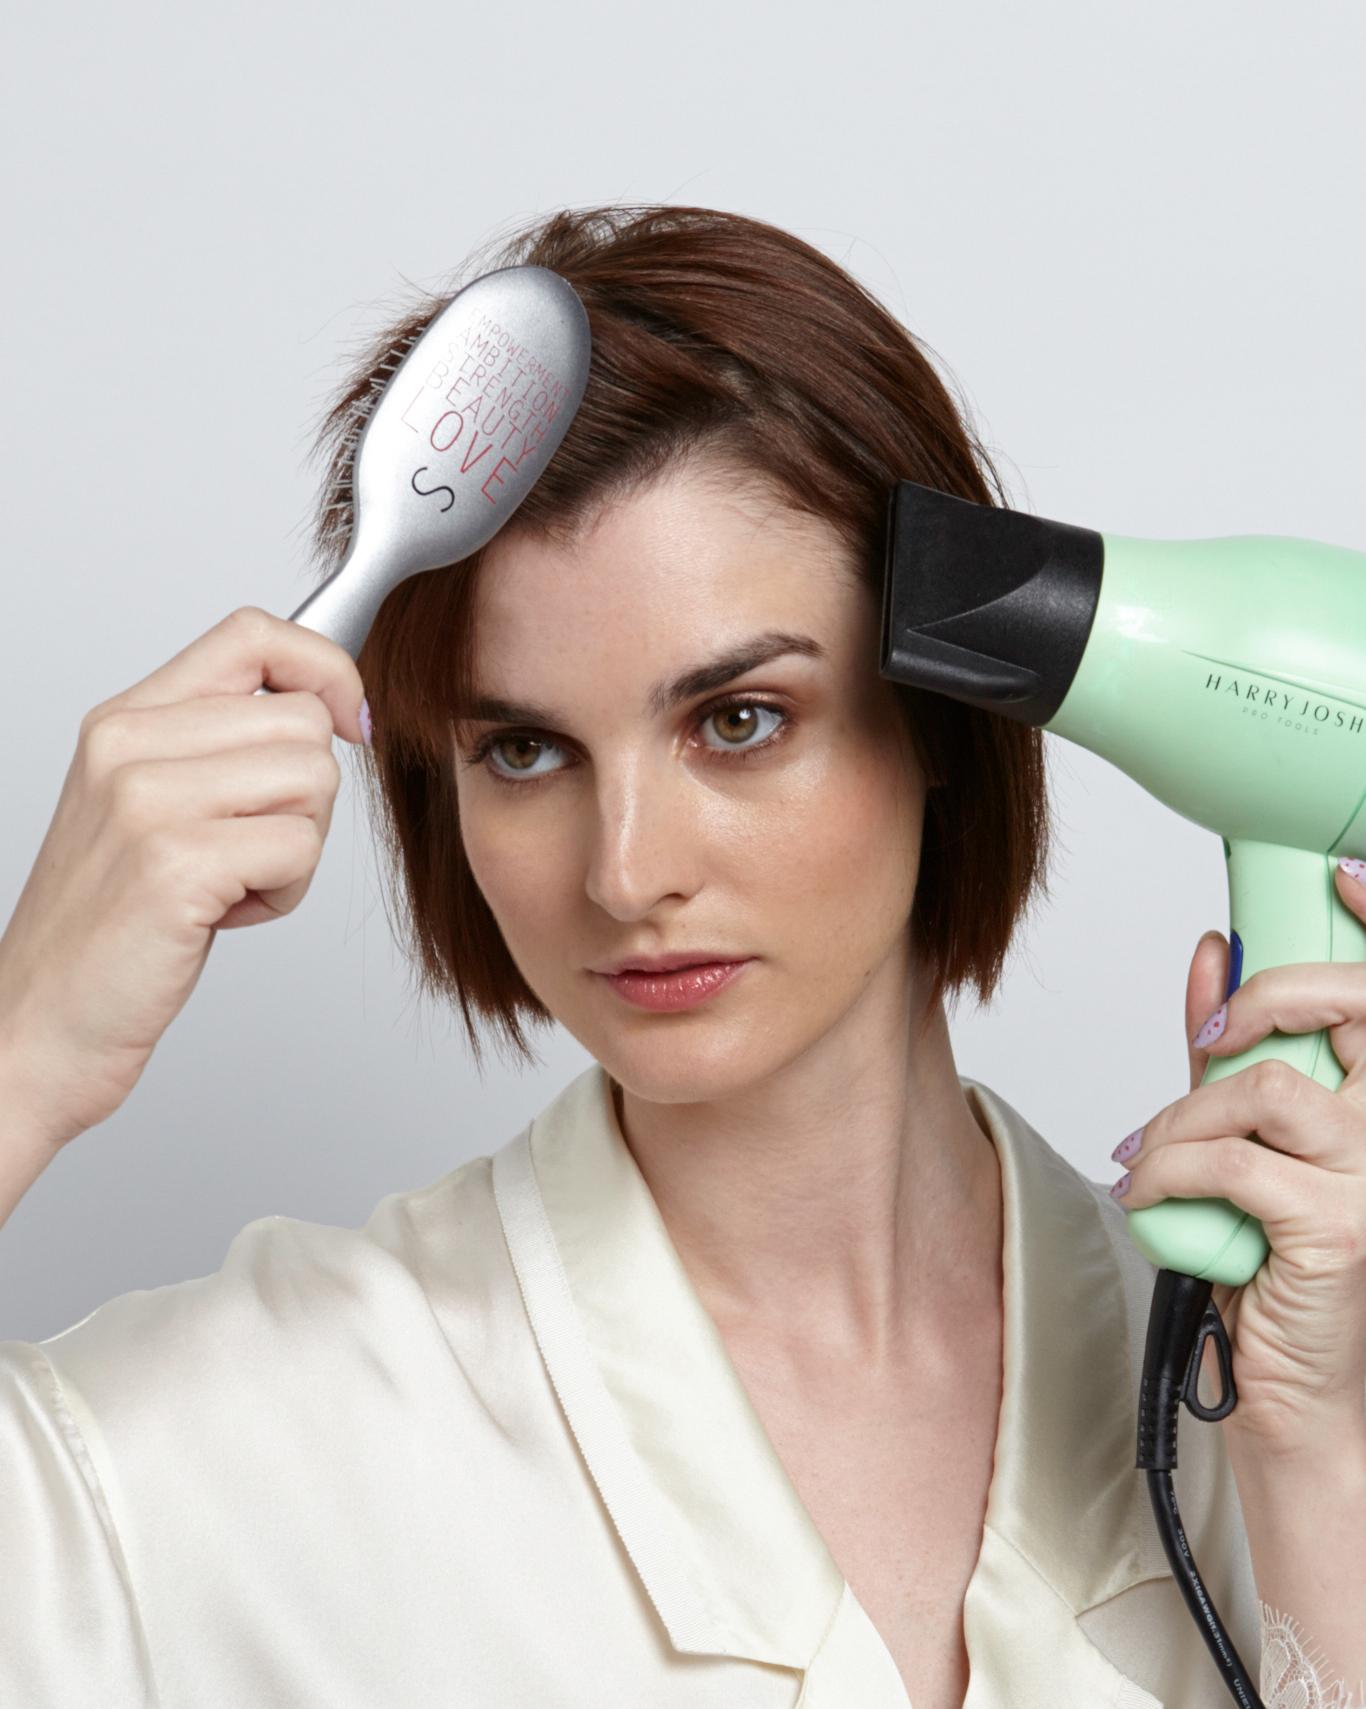 short-hair-head-band-step-2-5228-1-d111417-1014.jpg